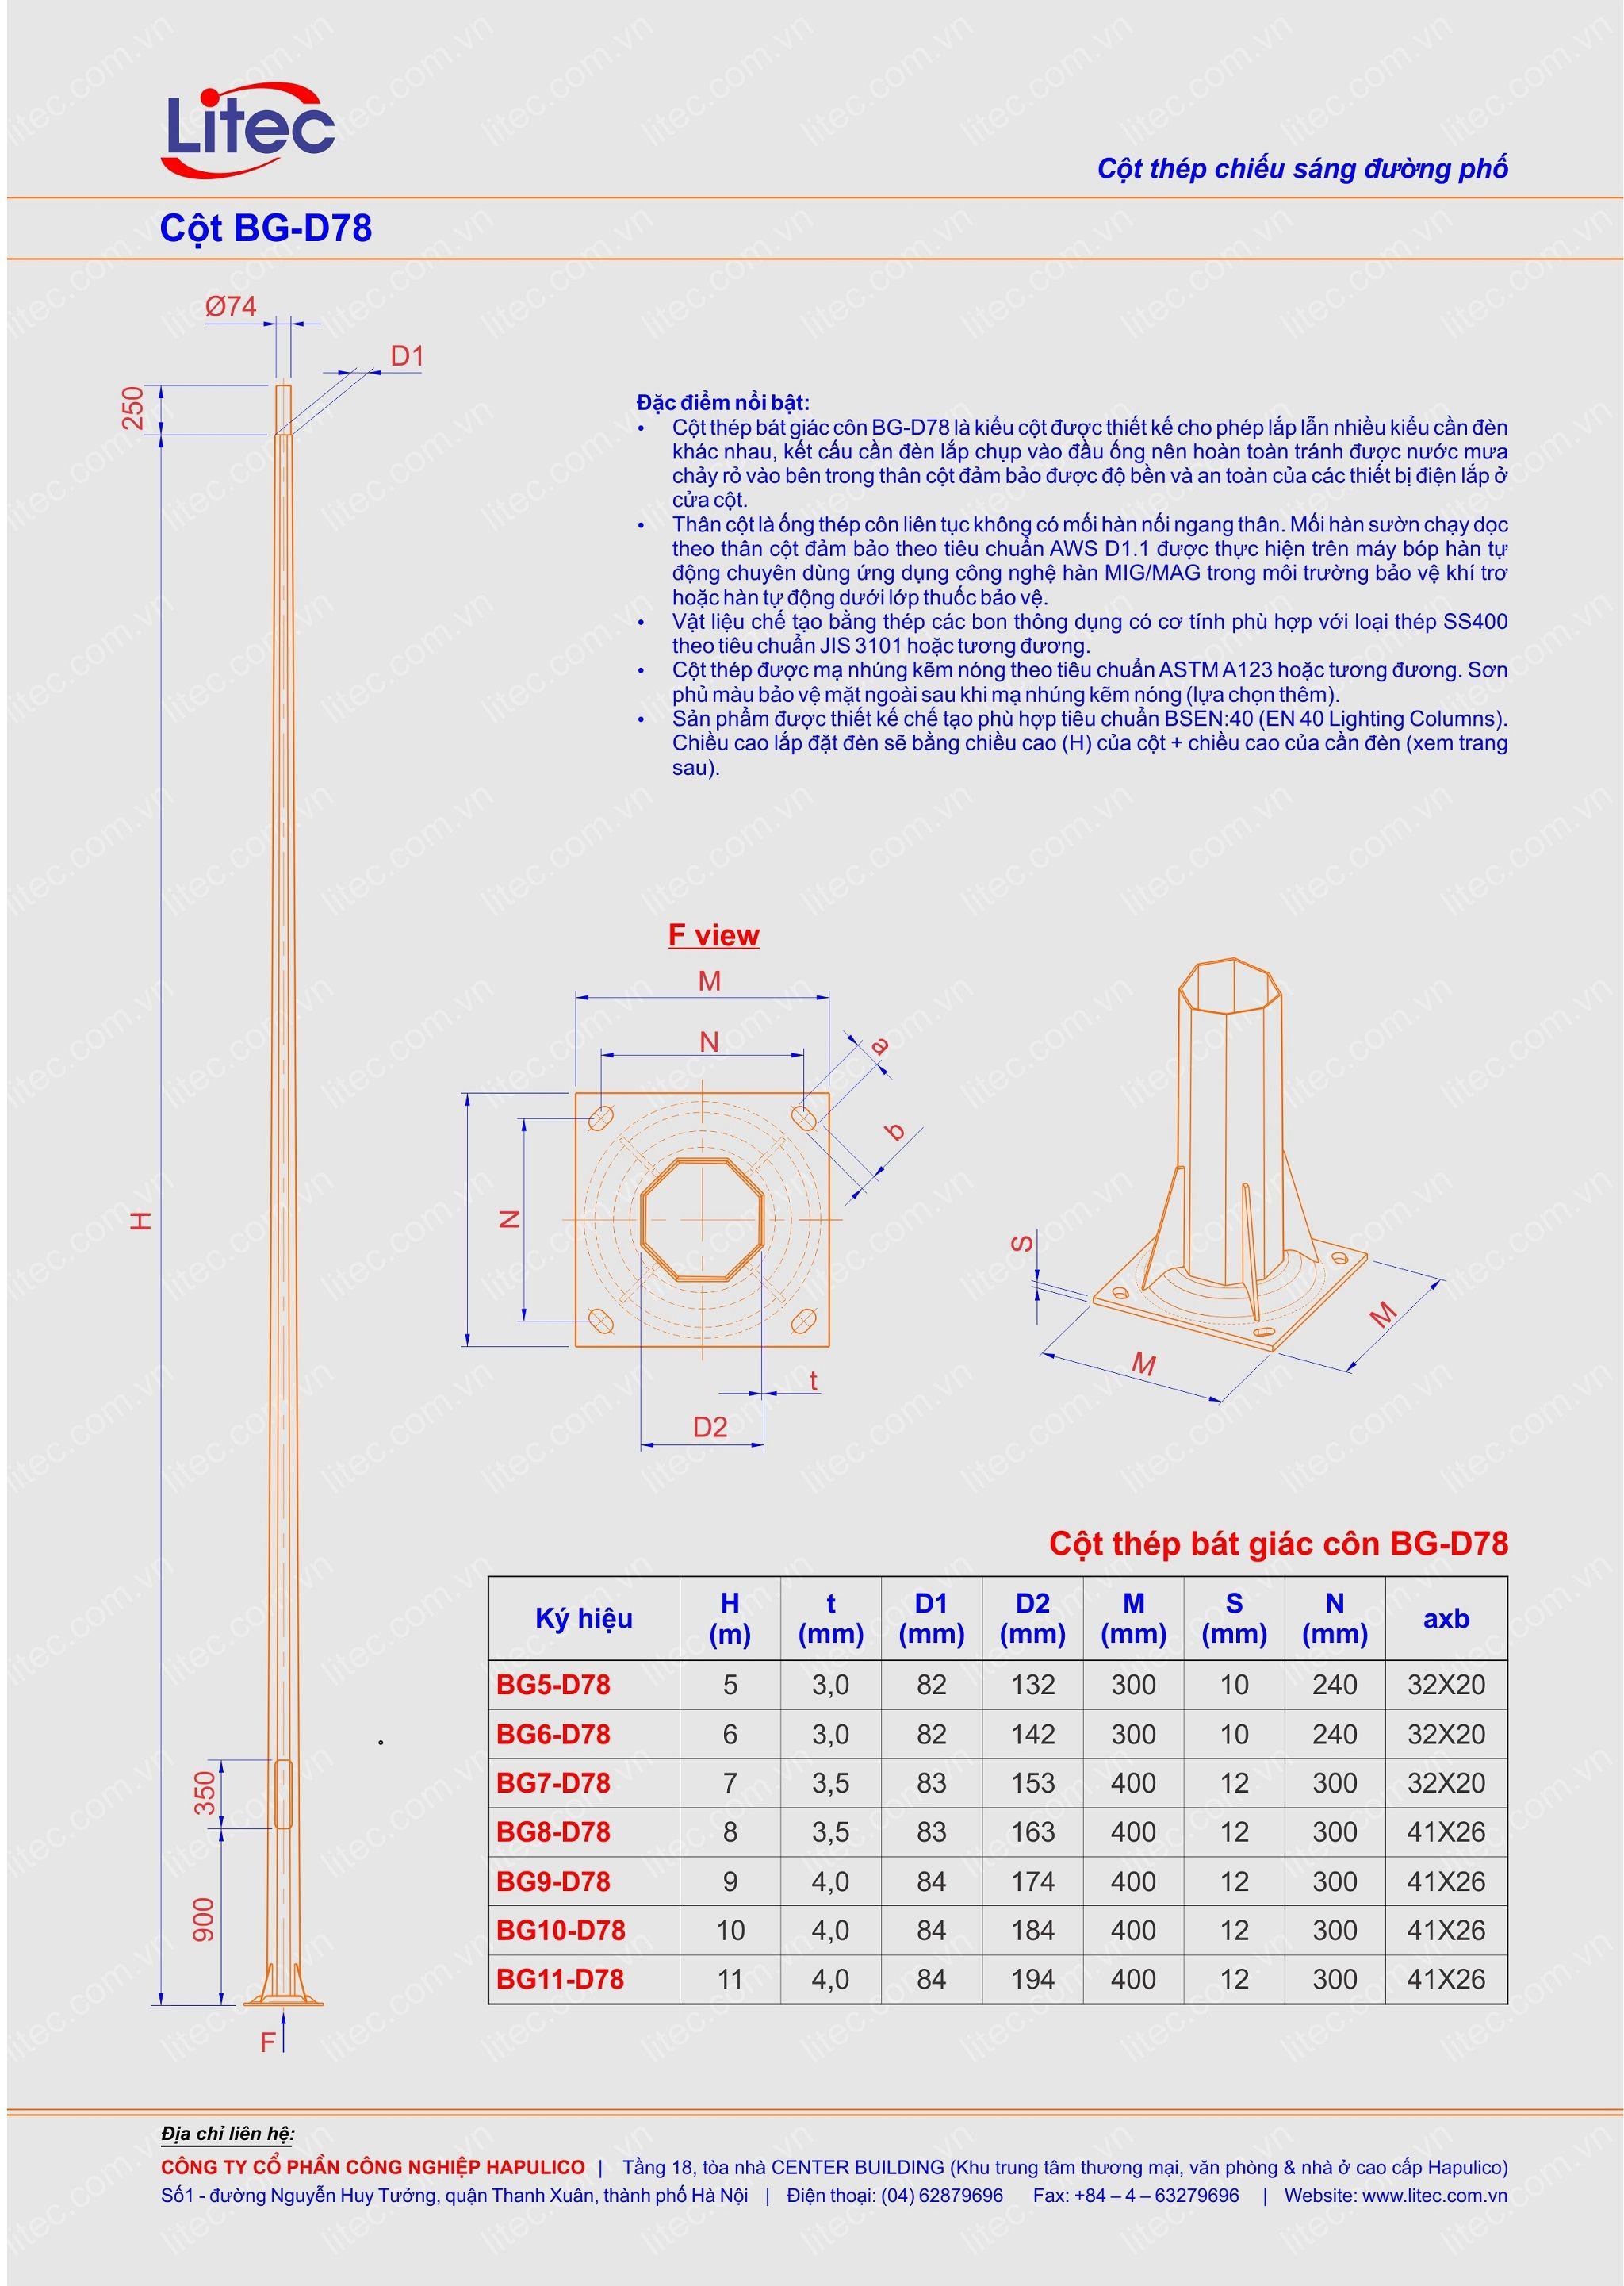 Cột đèn bát giác rời cần BG-D78 6M 7M 8M 9M 10M 11M